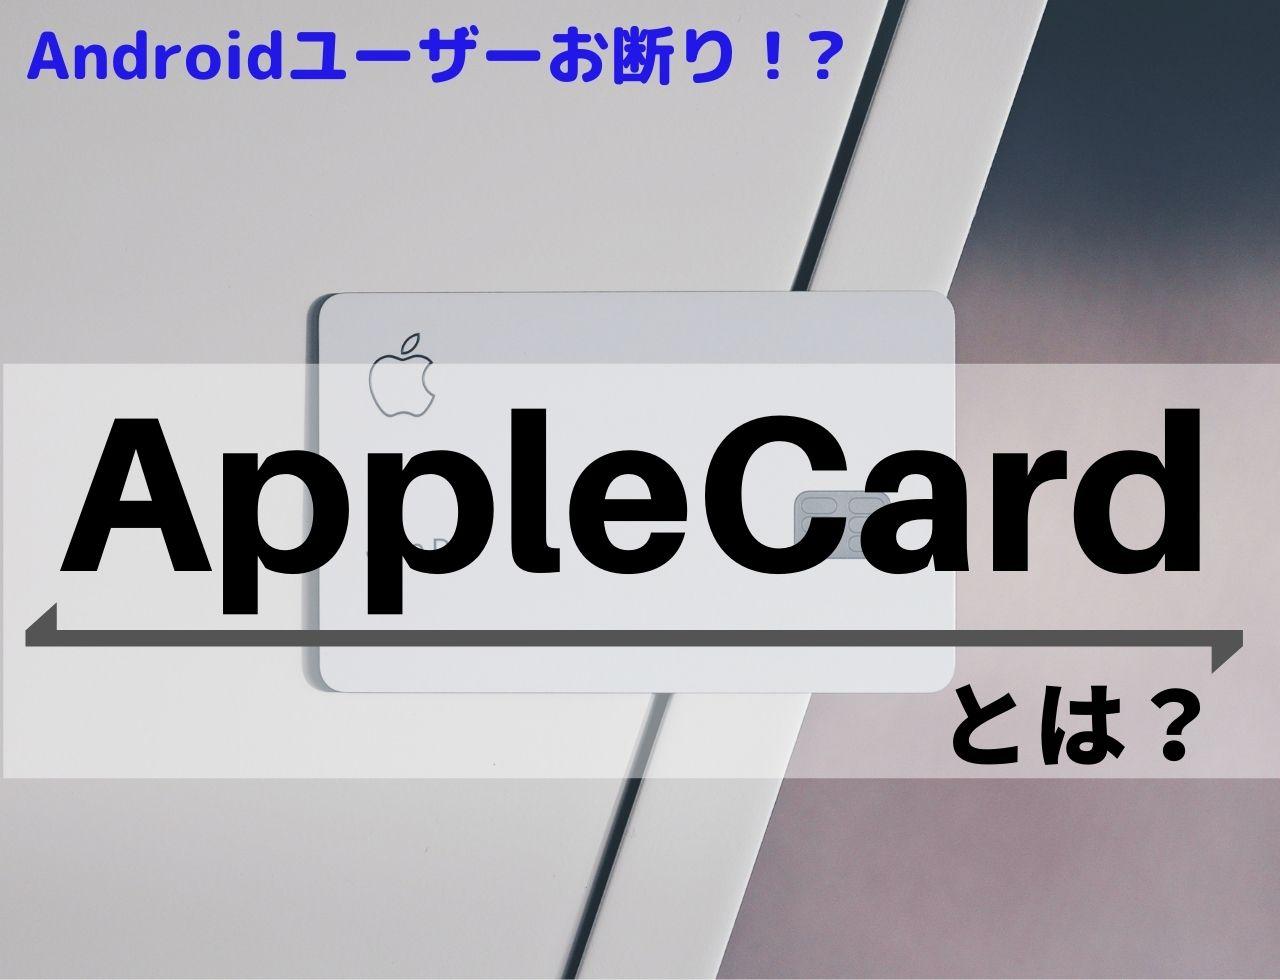 Androidユーザーお断り!iPhone前提の「アップルカード」とは?